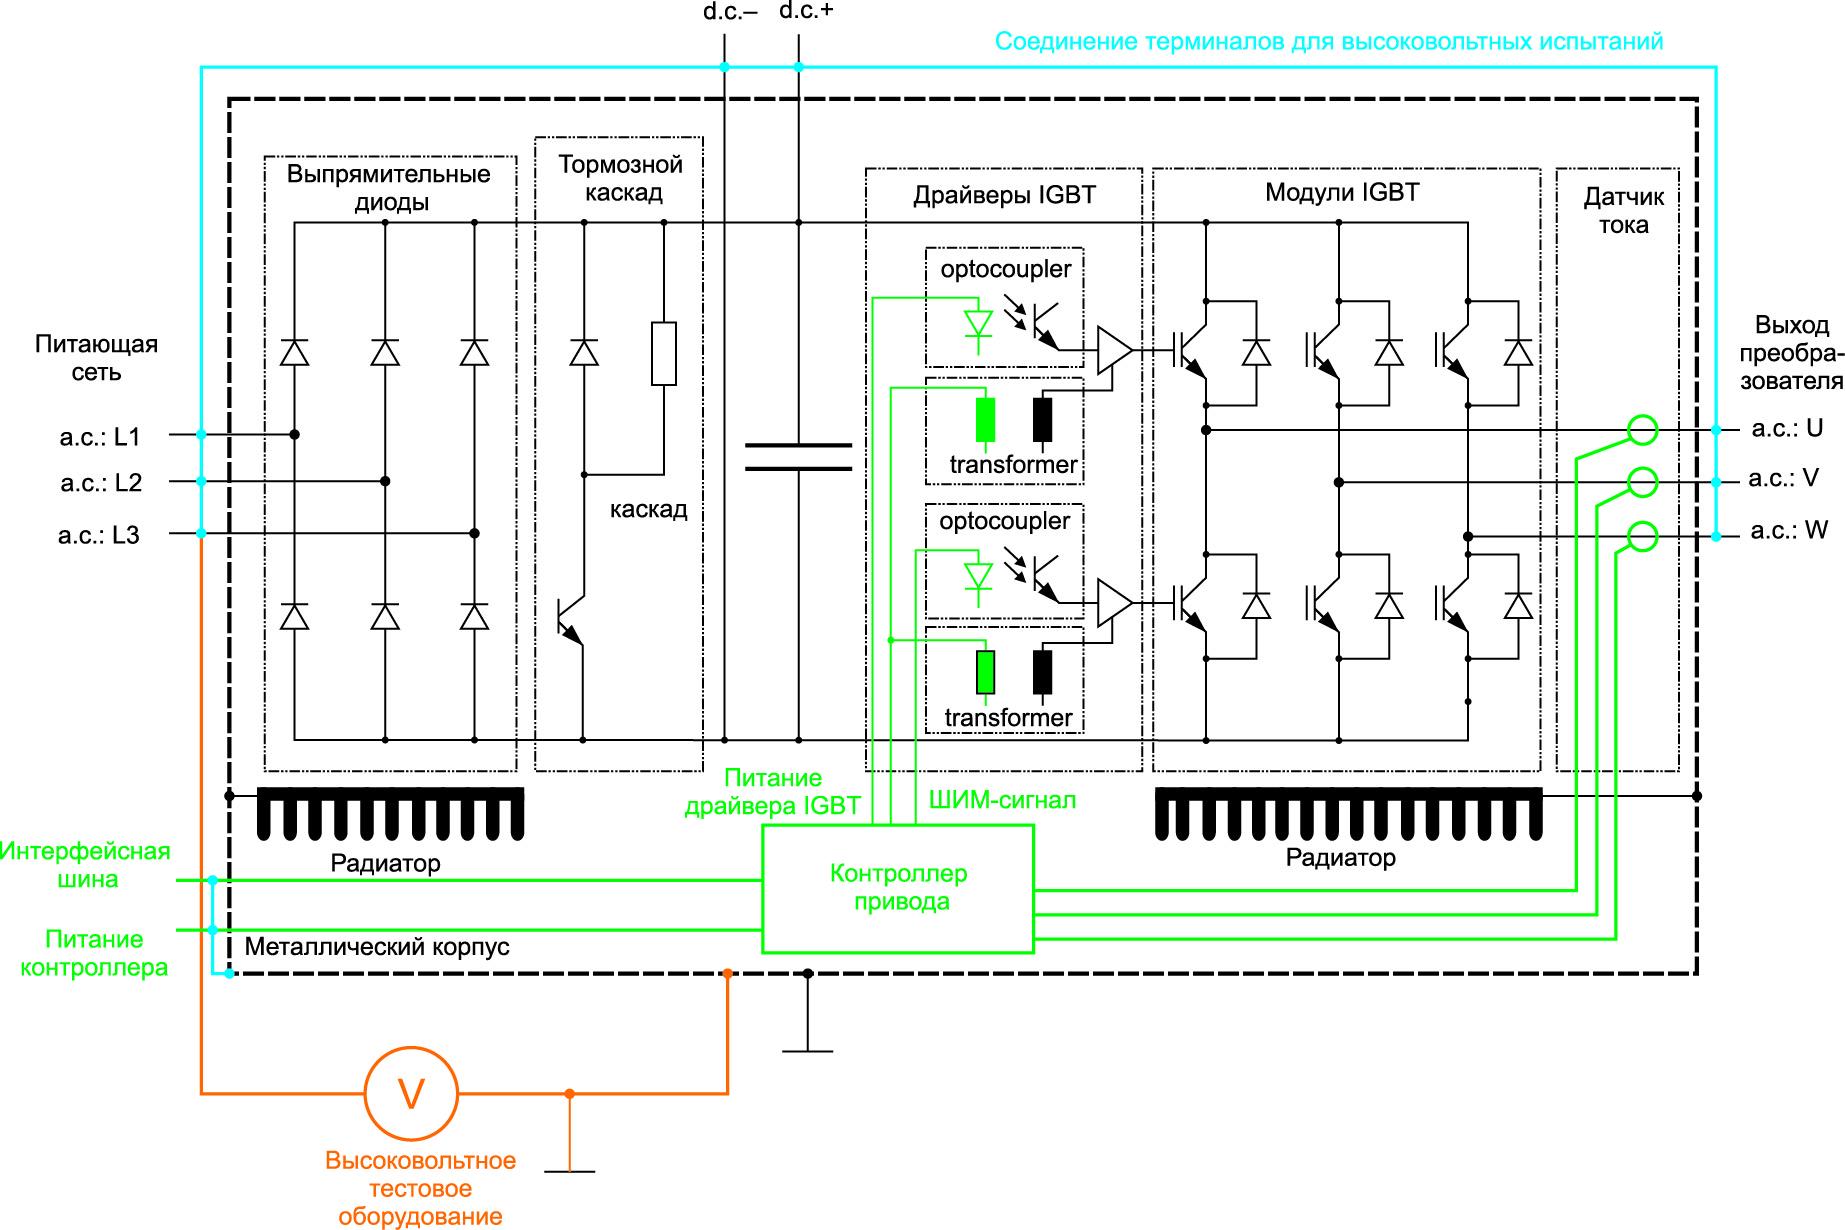 Подключение внешних устройств конвертера для минимизации количества высоковольтных тестов